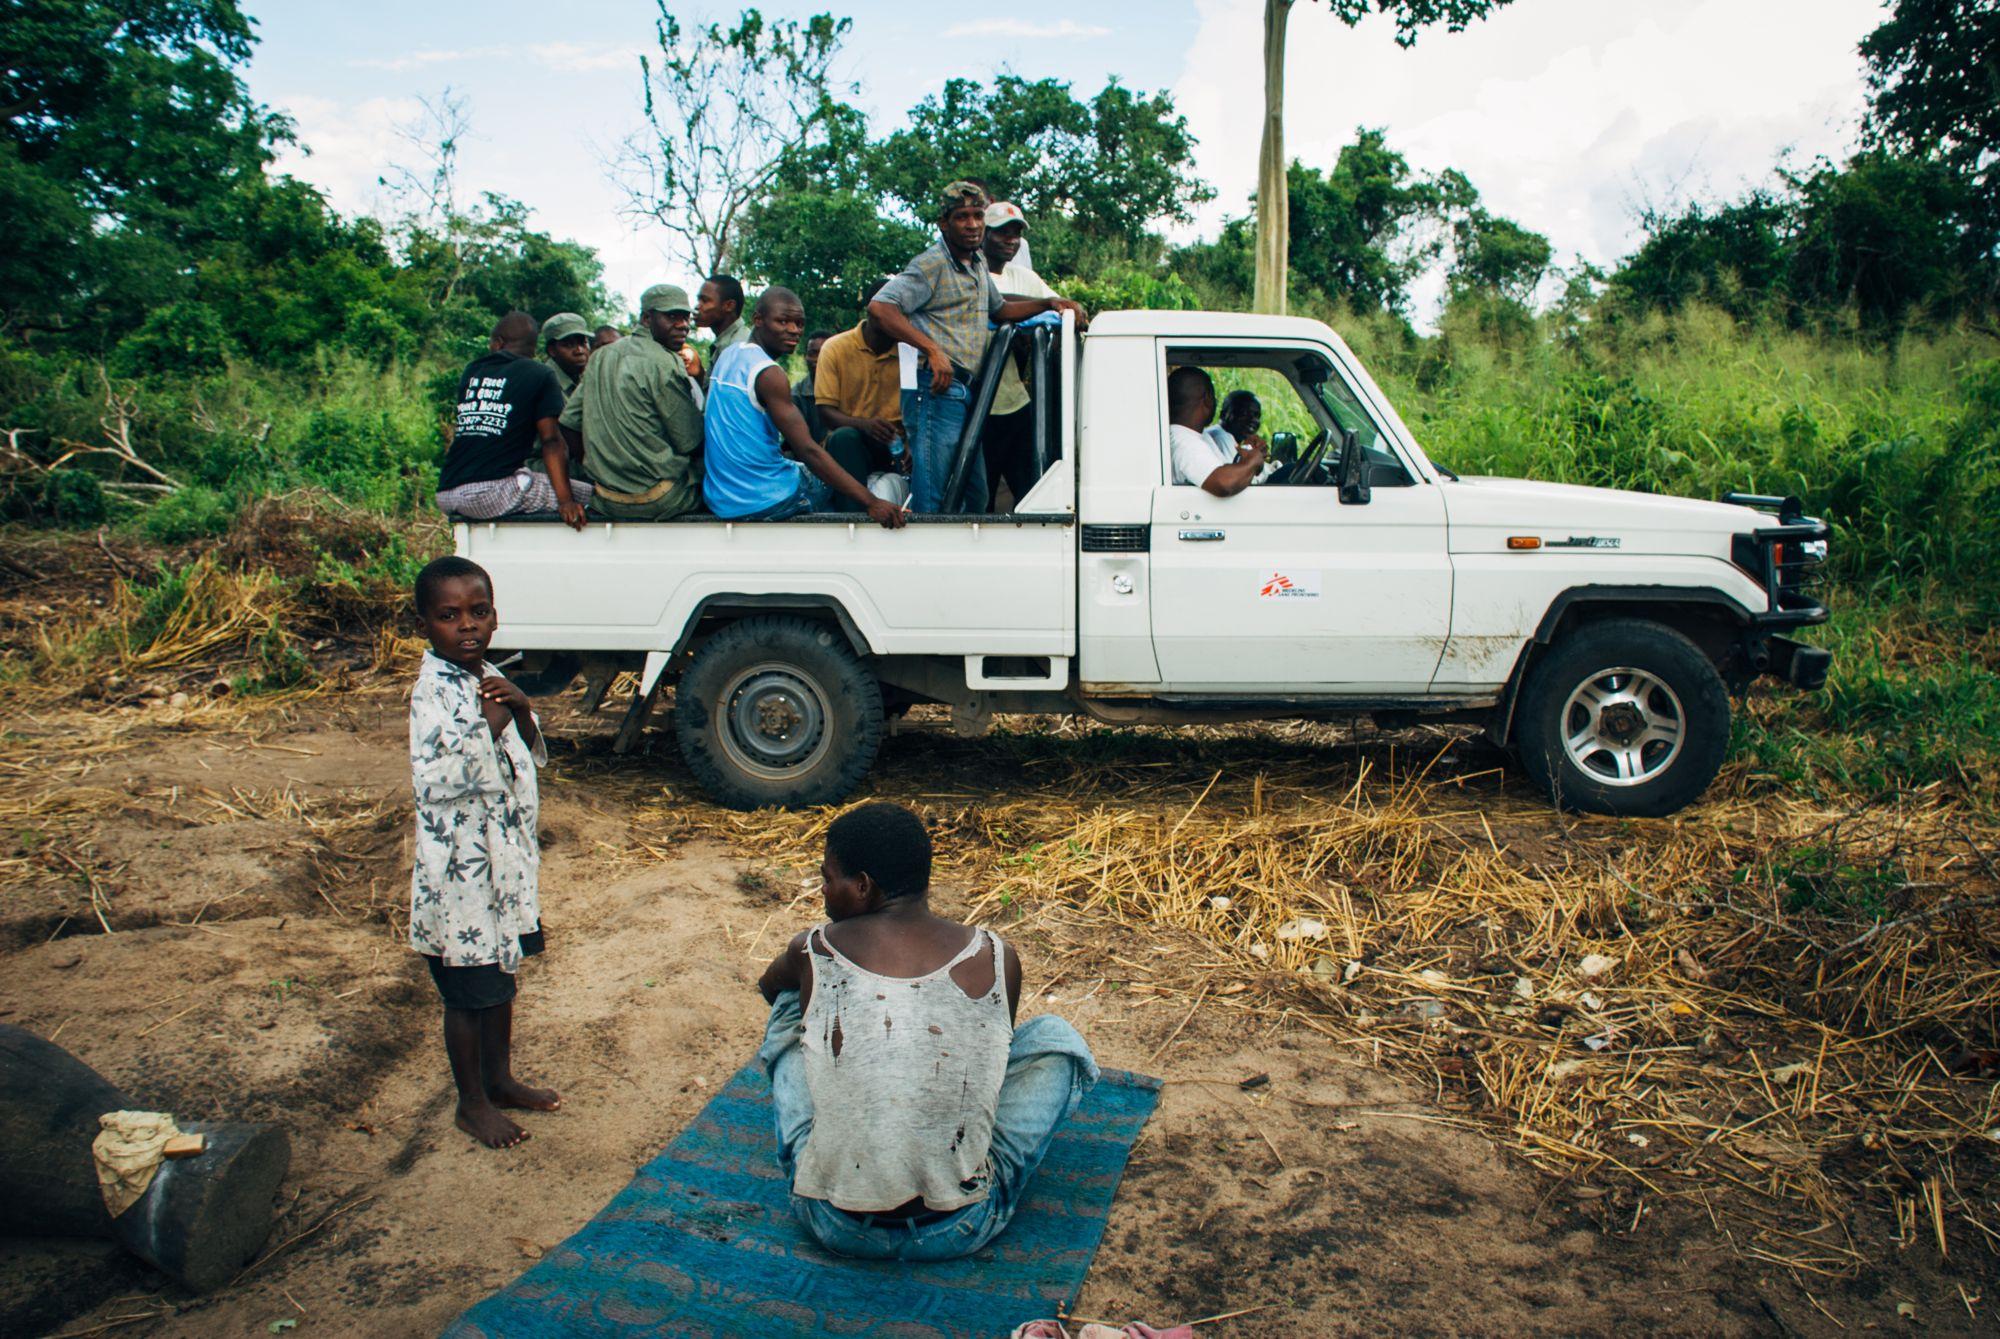 Organisasjoner som LEGER UTEN GRENSER, UNICEF OG RØDE KORS var til stede overalt og hjalp til med alt fra å bygge latriner, til telt , mat og medisiner. Det var utrolig fint å se hvordan hjelpen nådde frem.